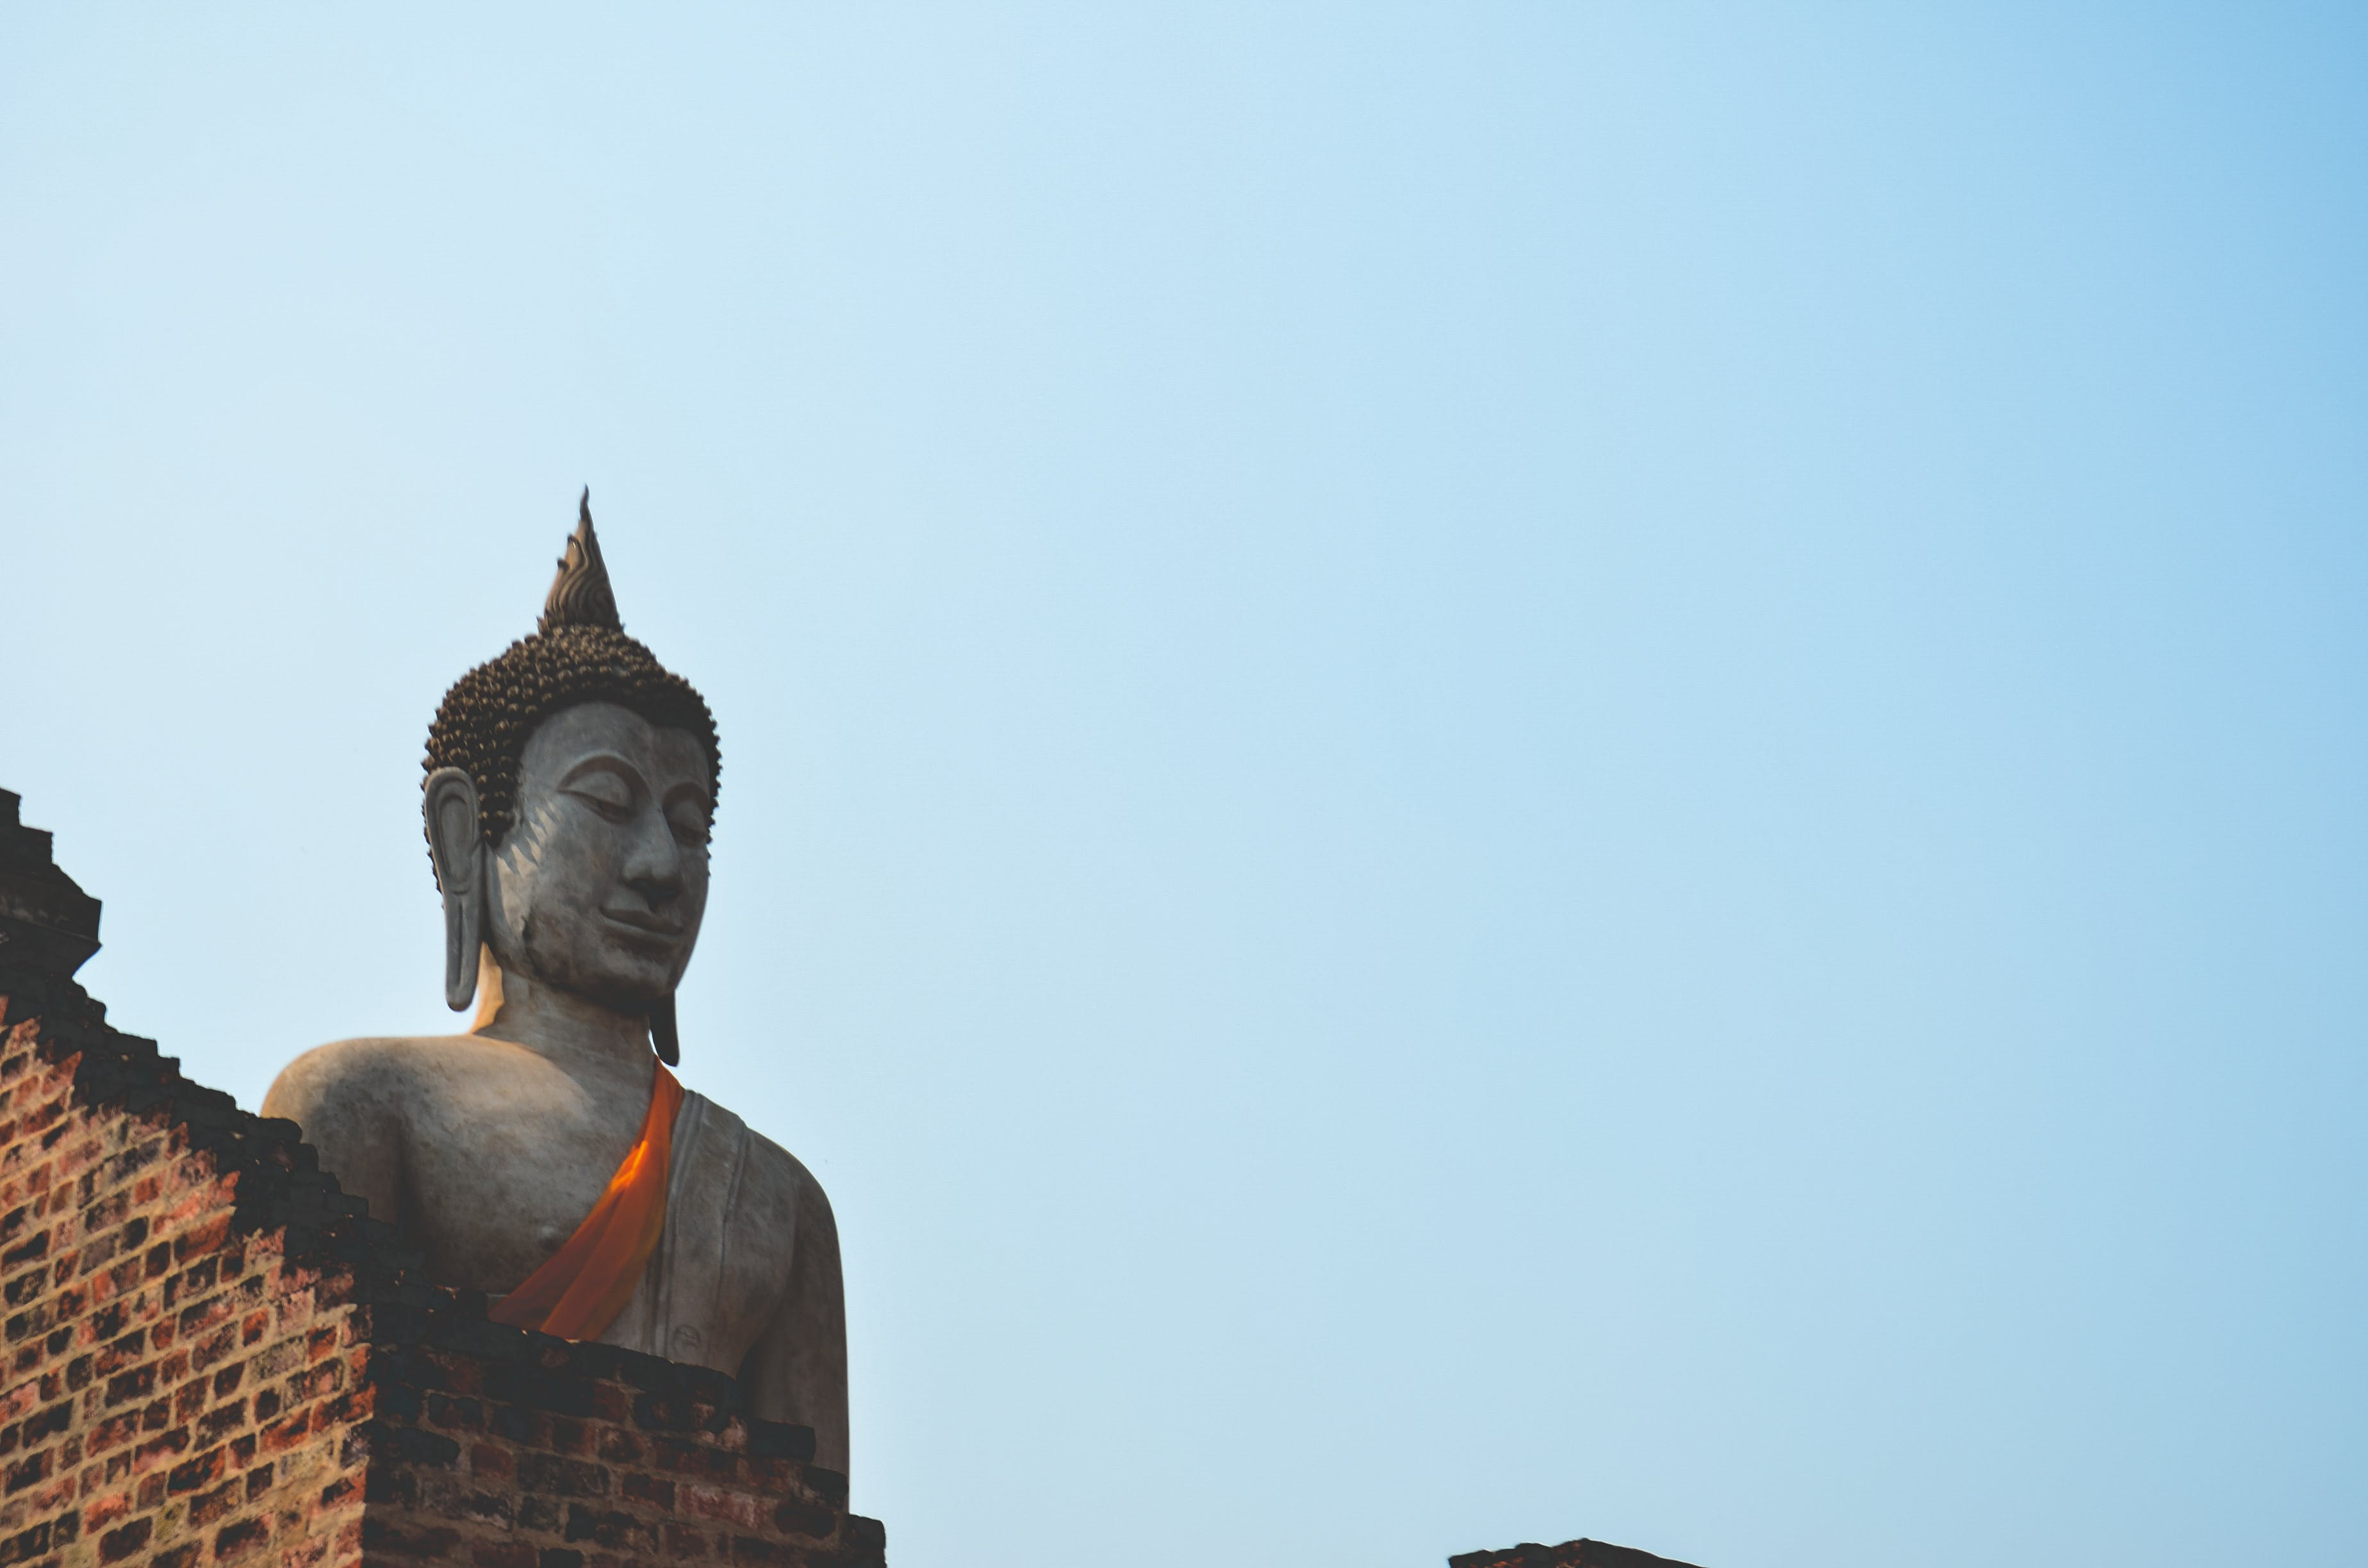 Δωρεάν στοκ φωτογραφιών με άγαλμα, αρχαίος, Βούδας, βουδισμός